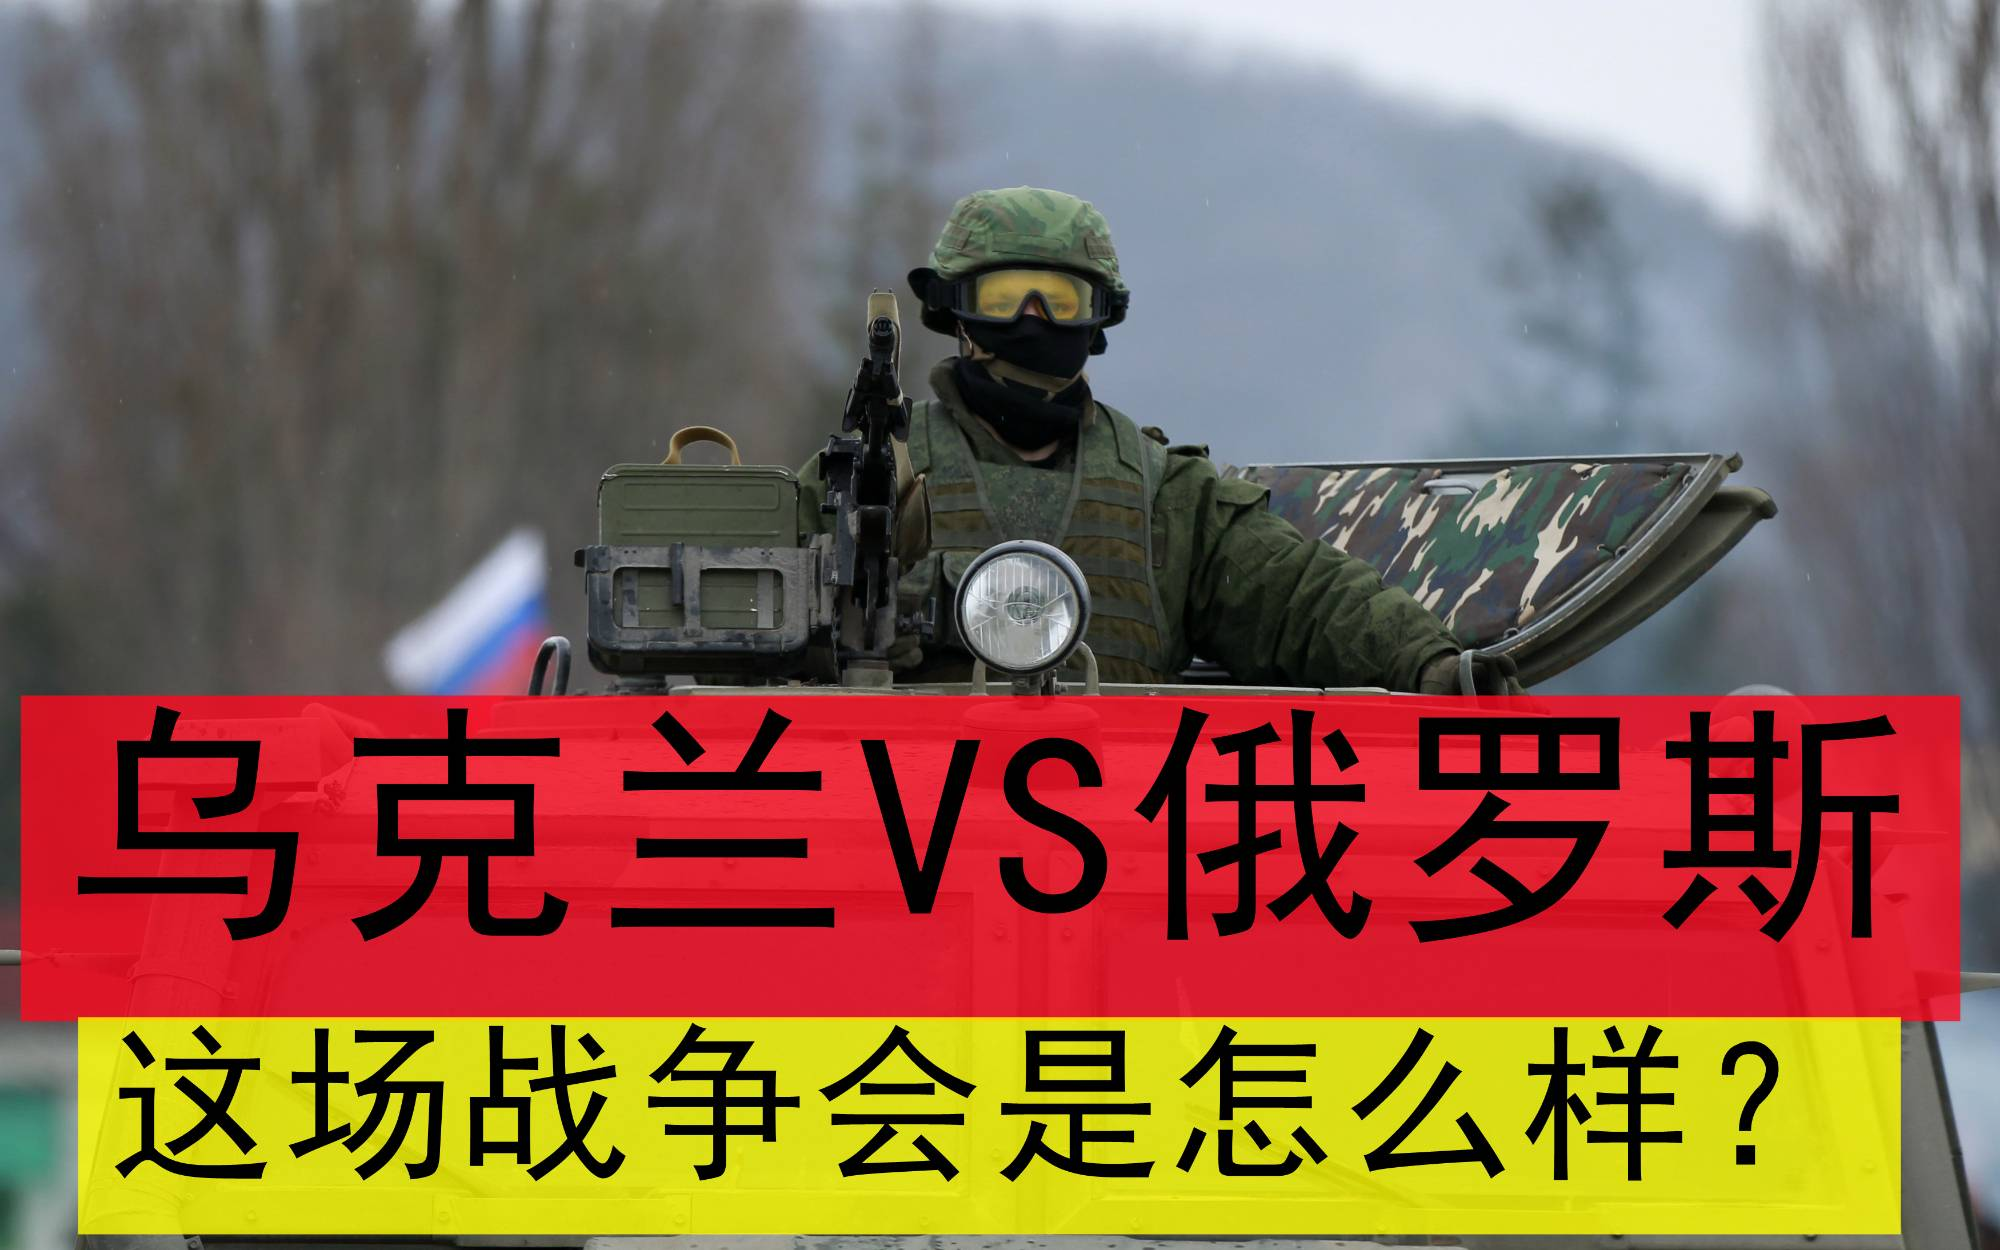 乌克兰VS俄罗斯,这场战争会是怎么样?